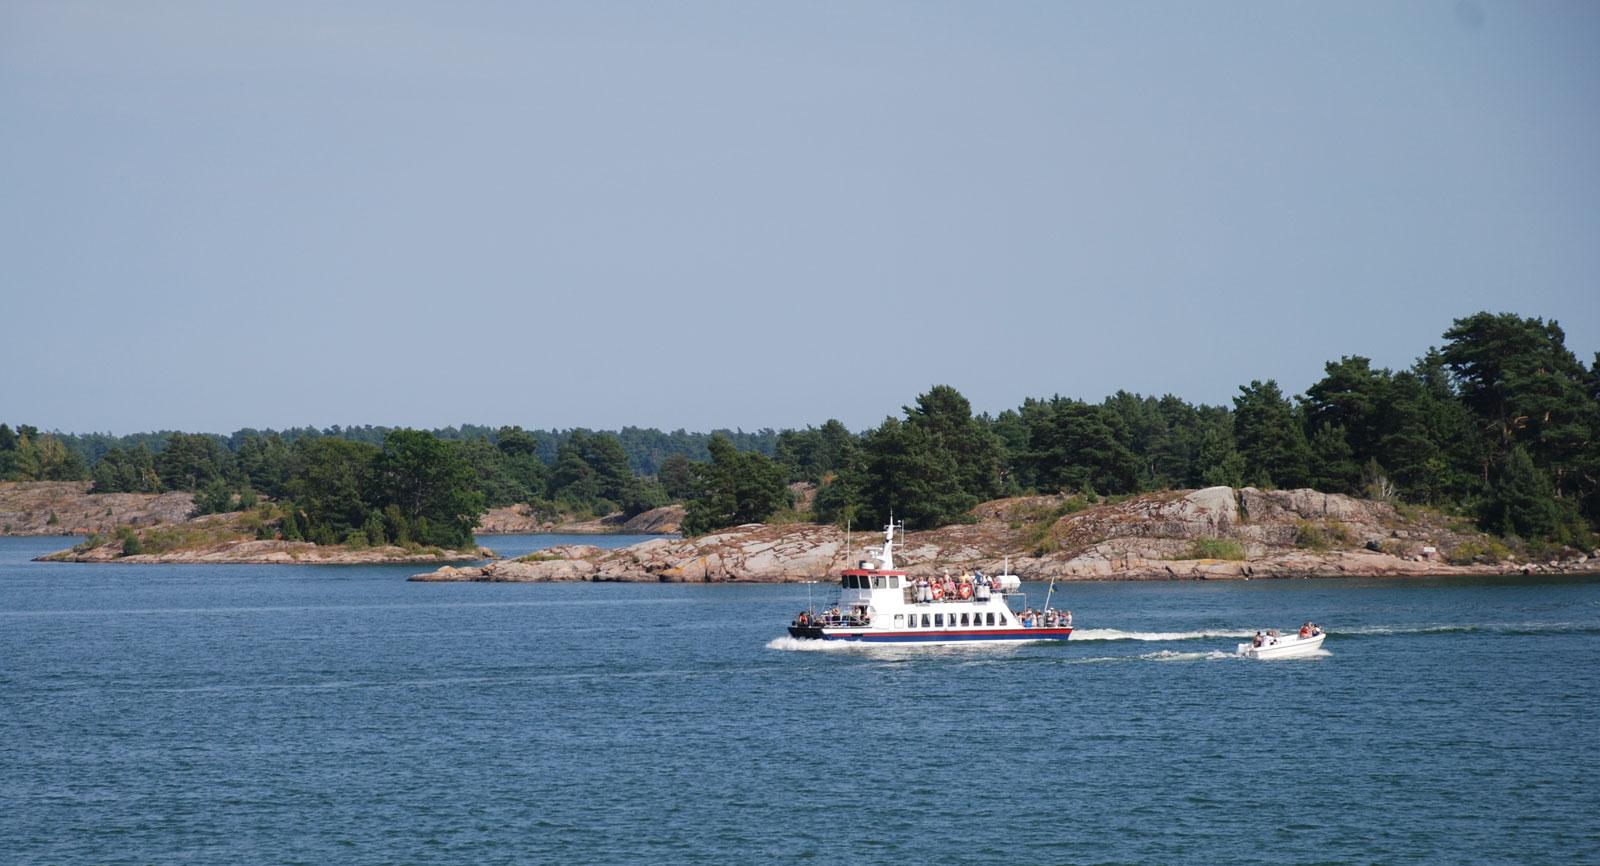 En av Skärgårdslinjens turbåtar passerar utanför campingen.